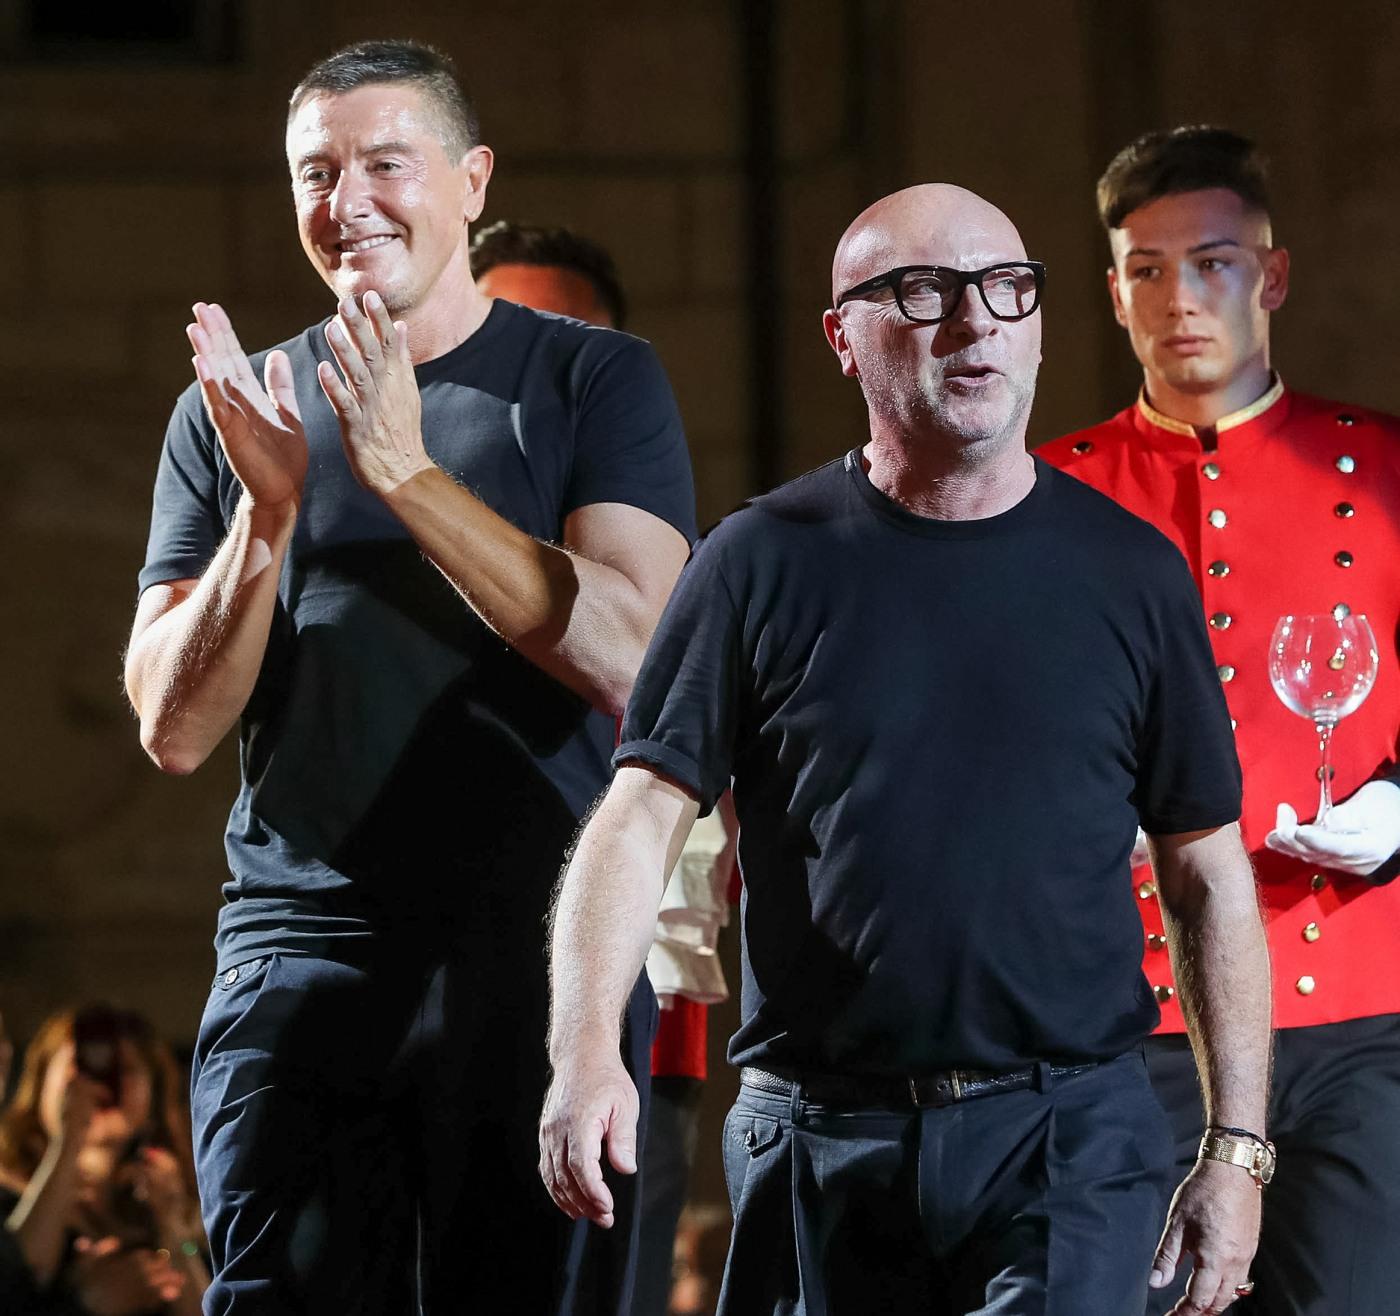 Dolce & Gabbana Show in Pretoria Square